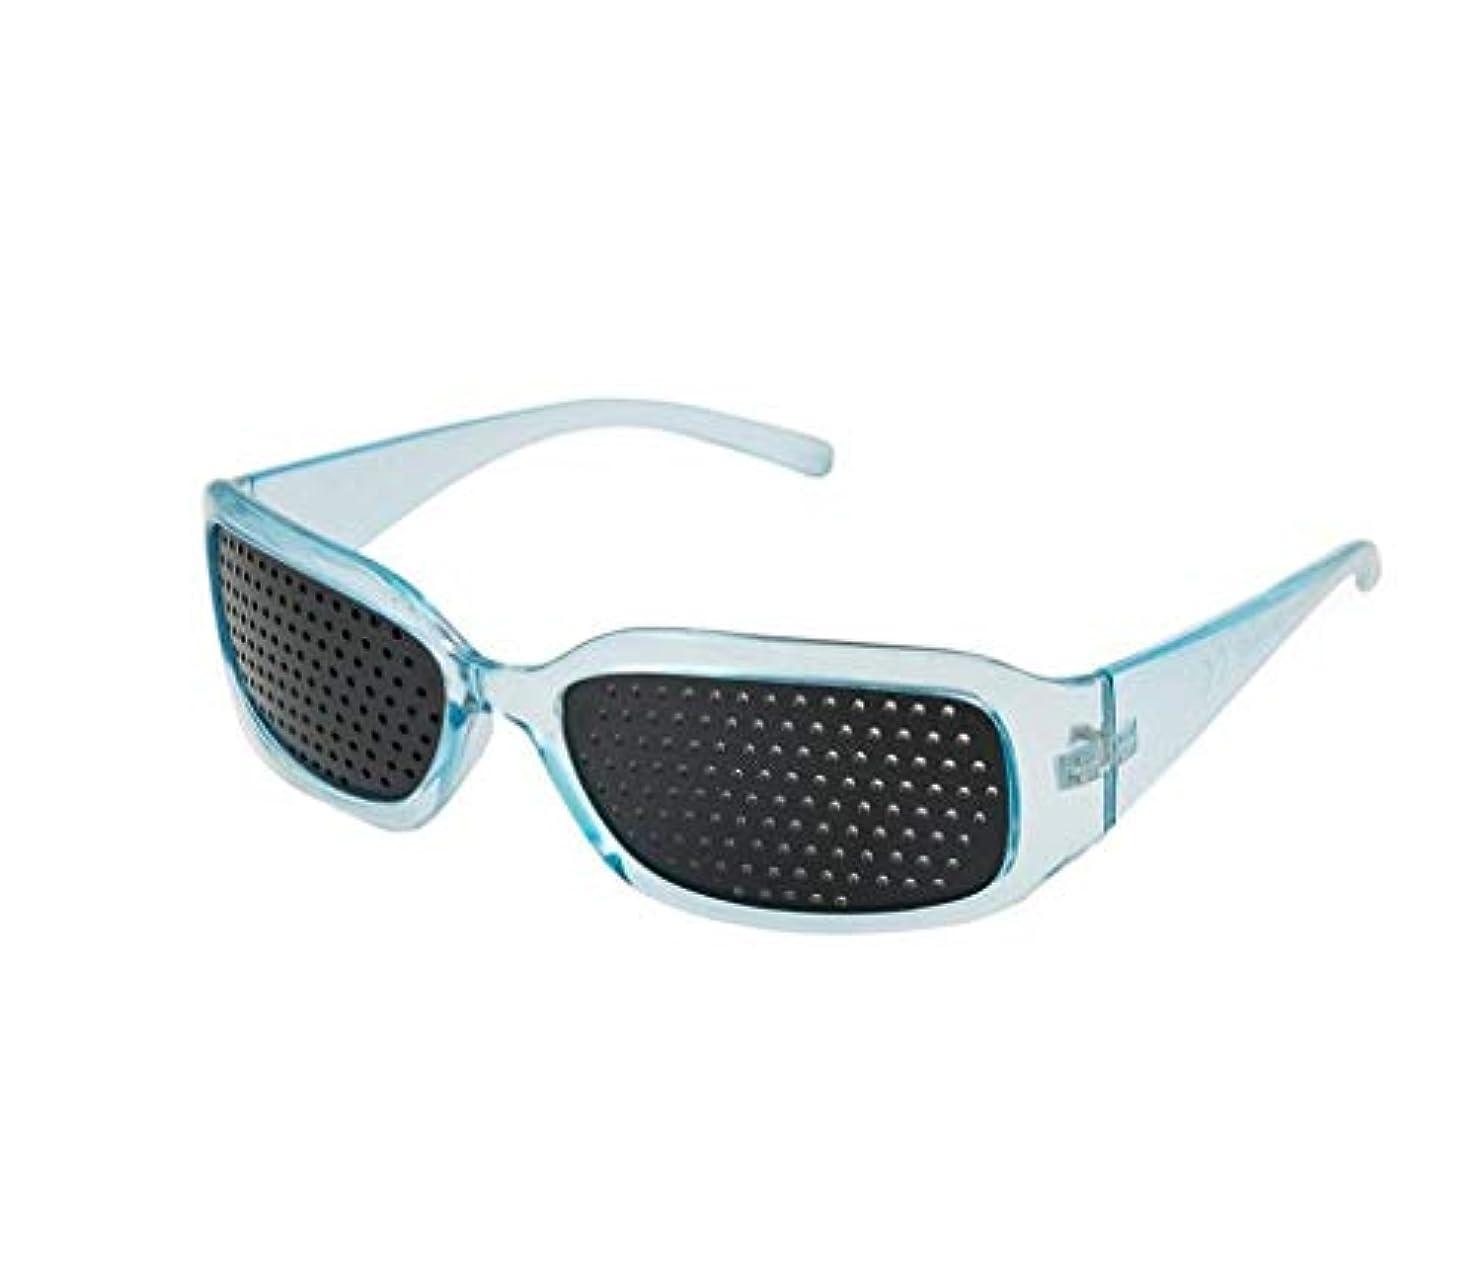 骨髄過ちアークユニセックス視力ビジョンケアビジョンピンホールメガネアイズエクササイズファッションナチュラル (Color : 青)